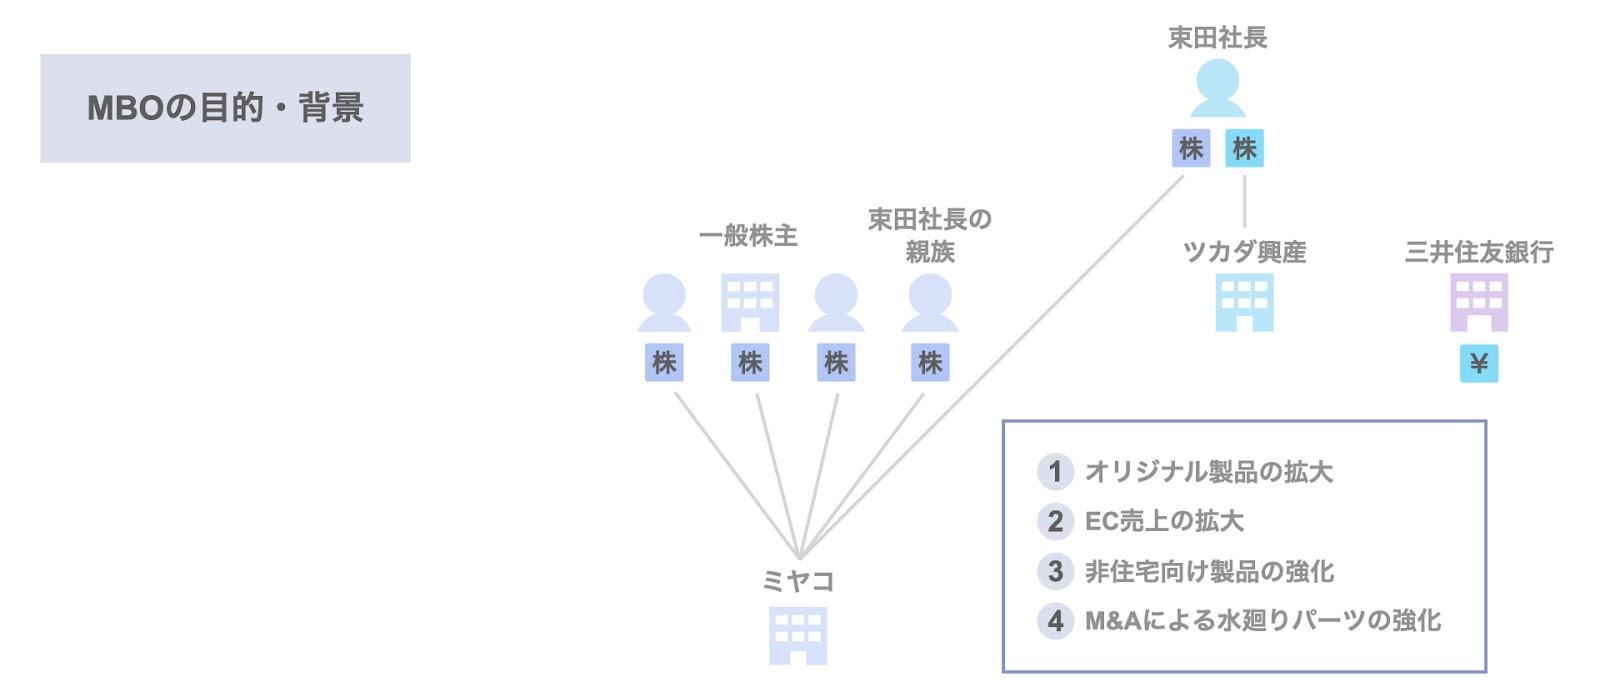 ミヤコのMBOの目的・背景